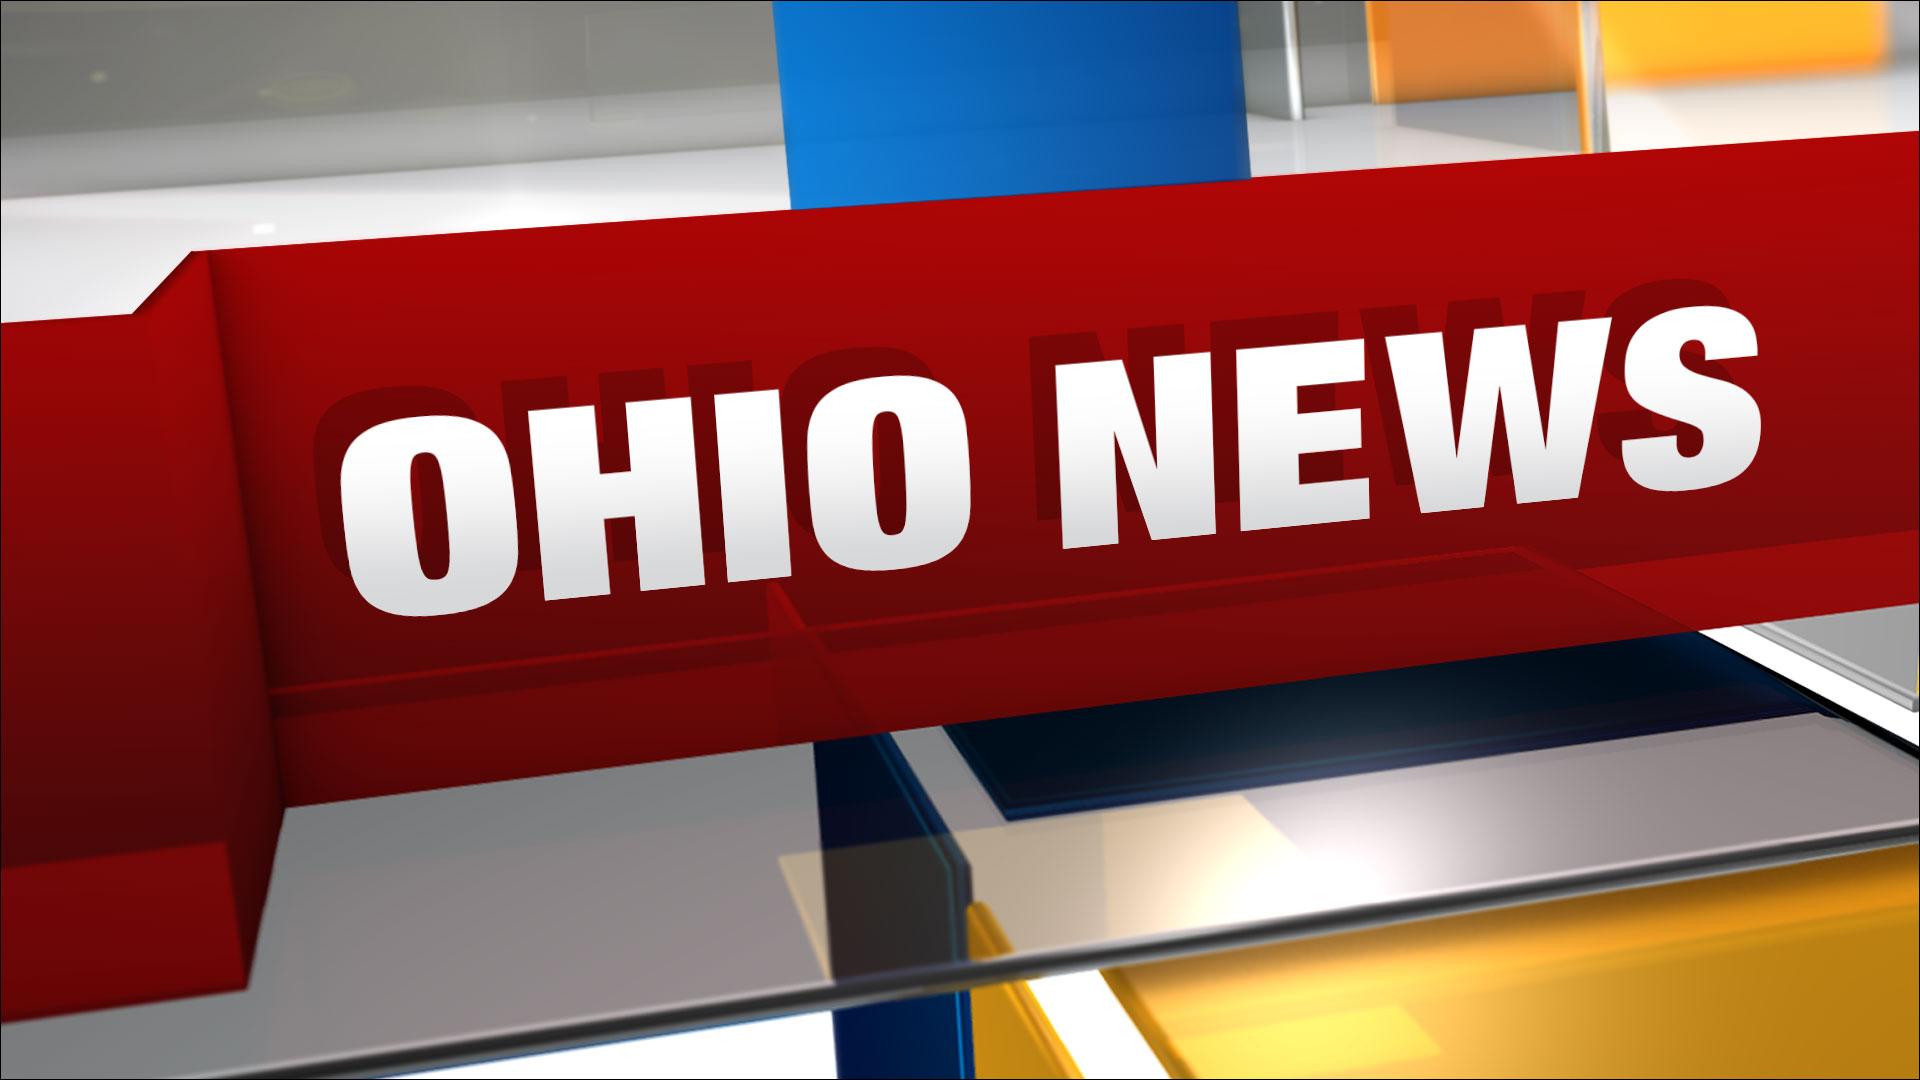 OHIO News Generic